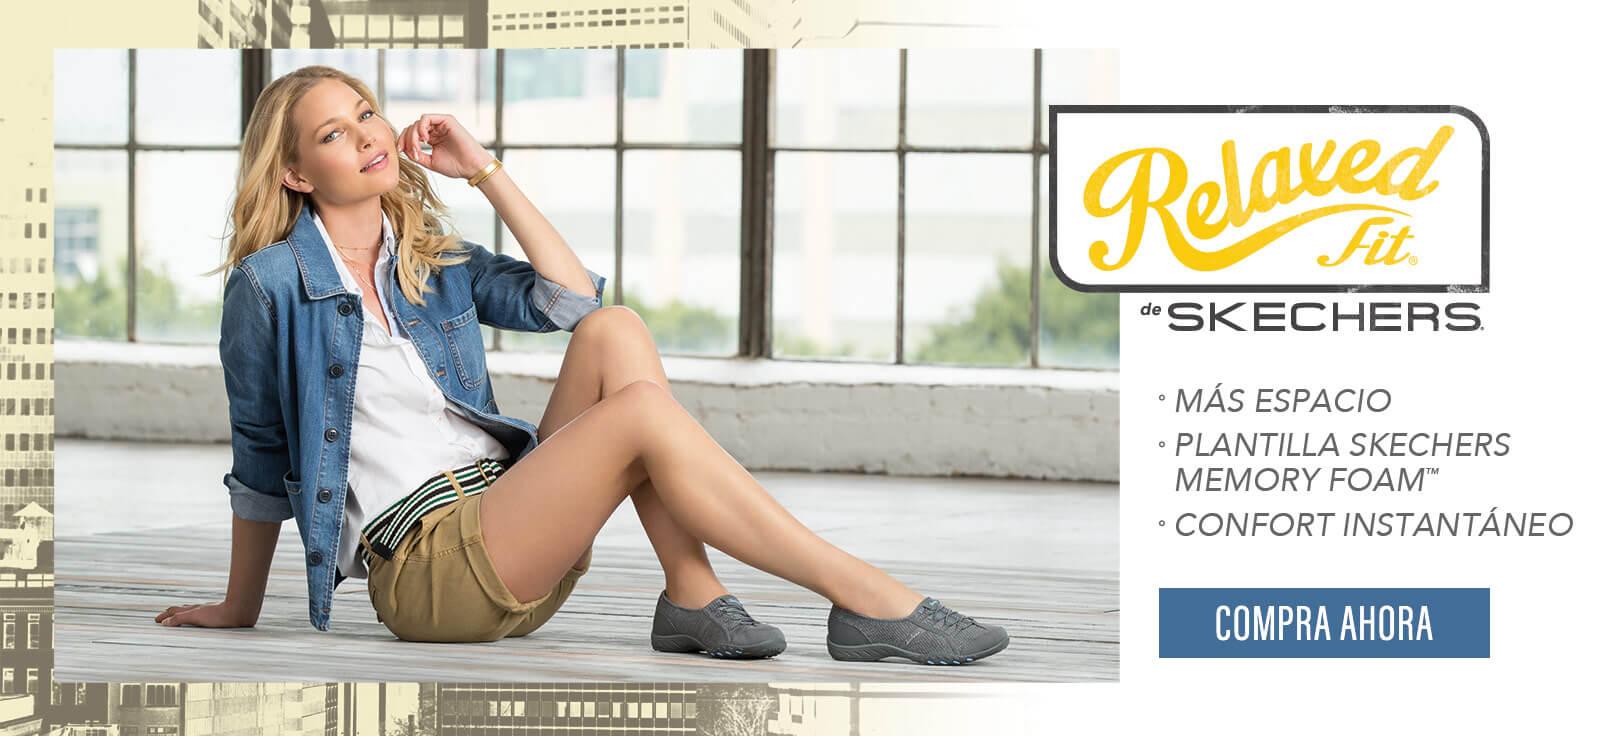 zapatillas skechers mujer verano 2019 resultados hoy